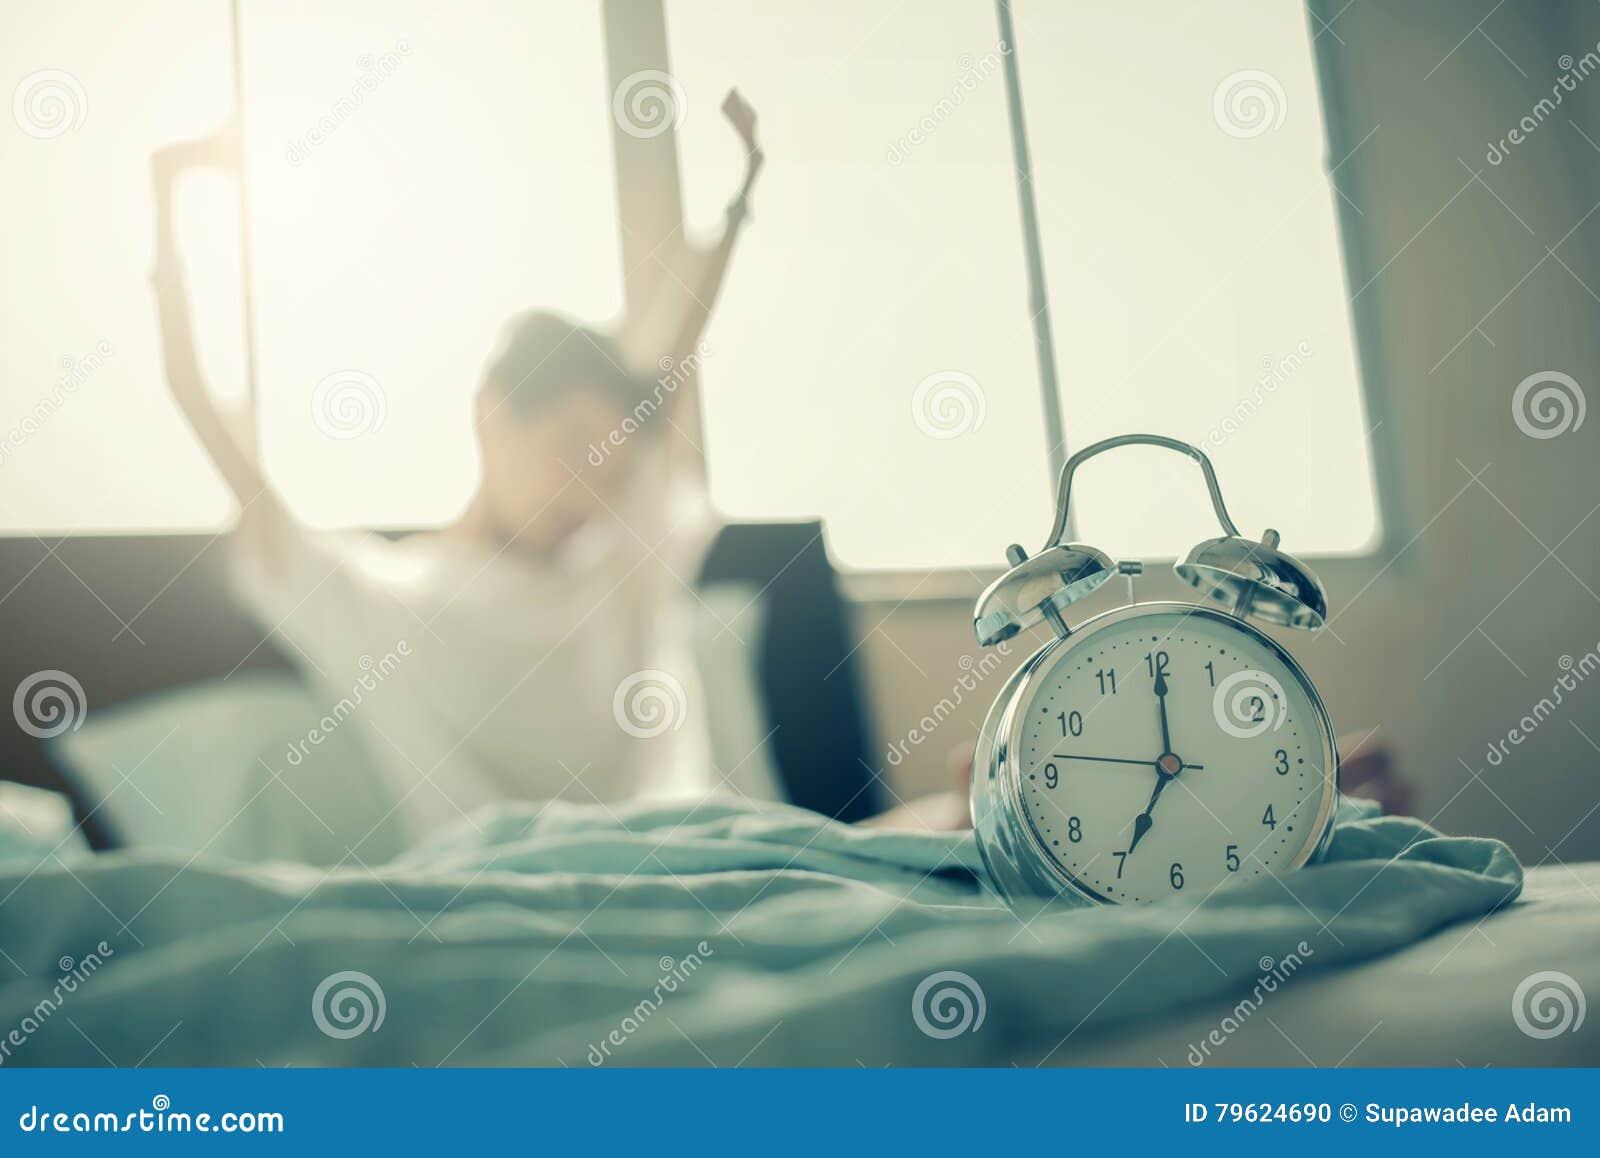 Adolescente que estica as mãos após a excitação na cama